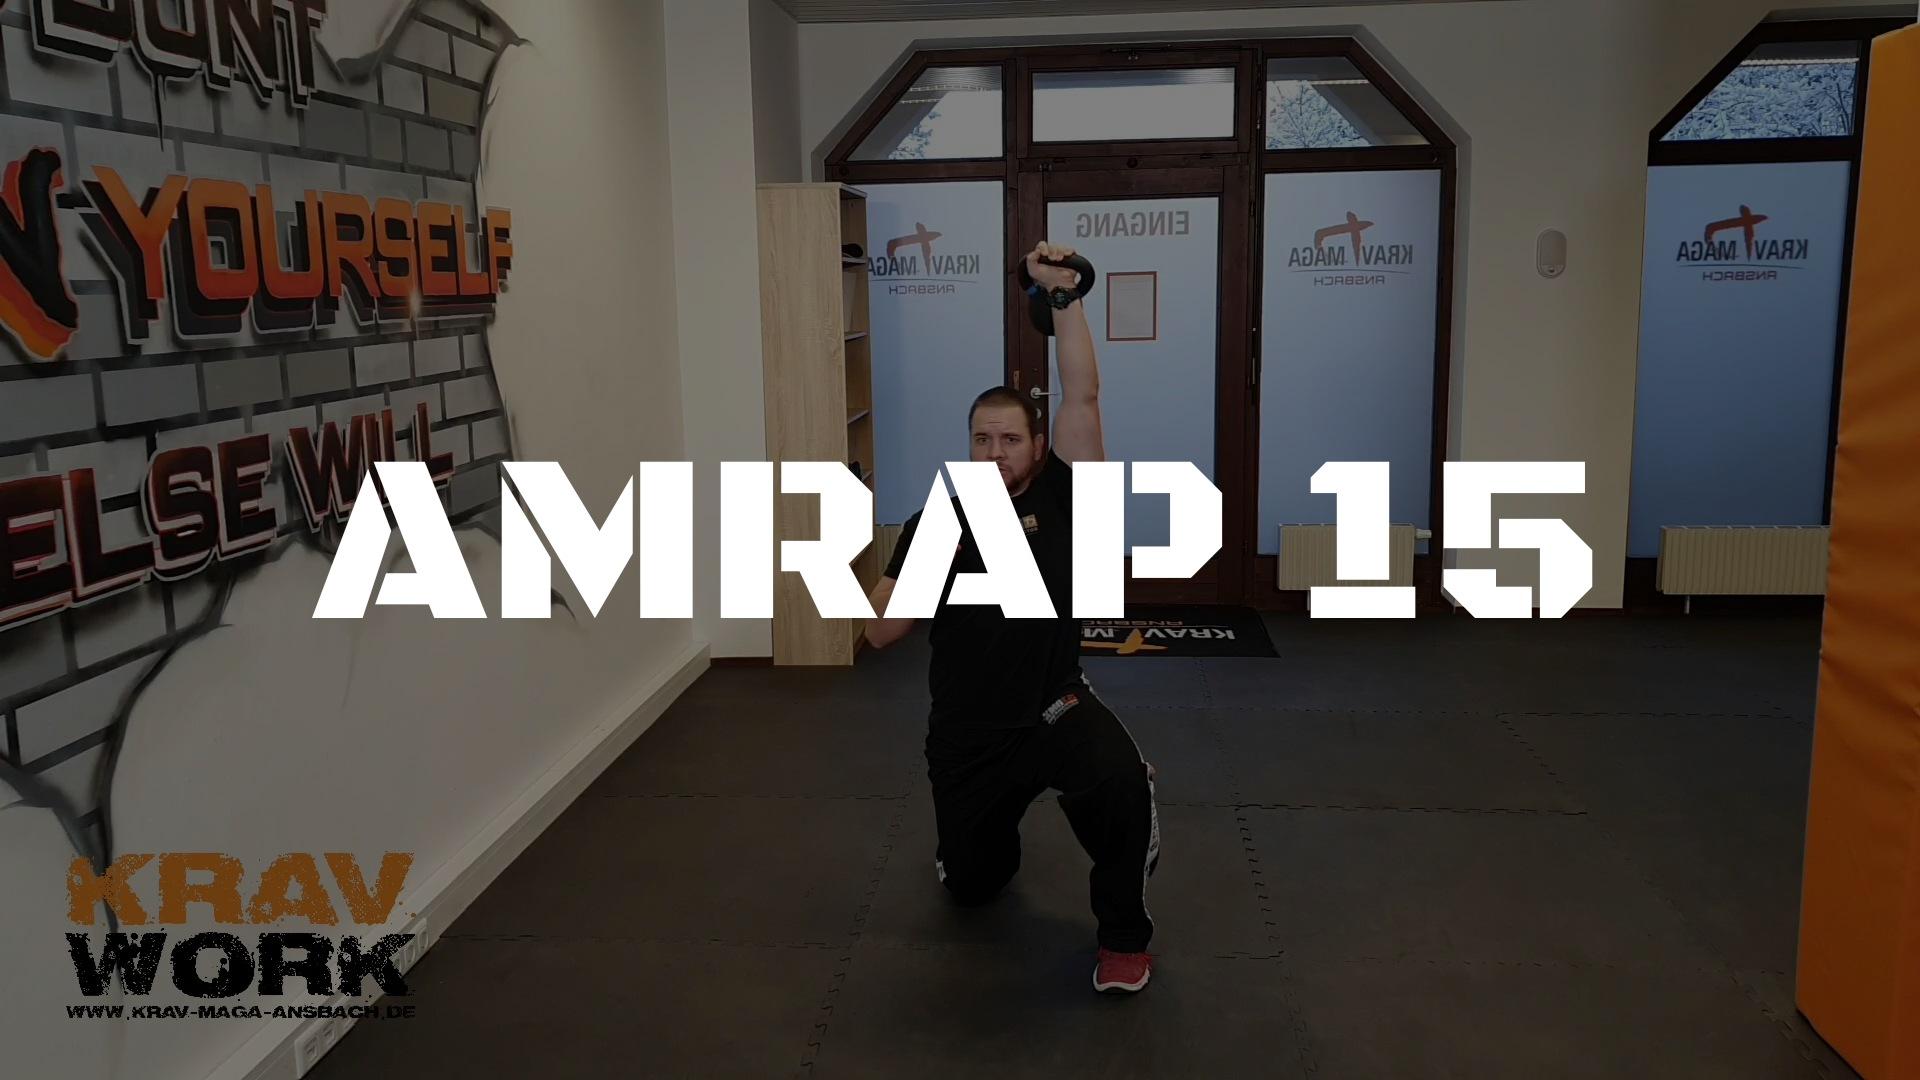 KRAV WORK | AMRAP 15